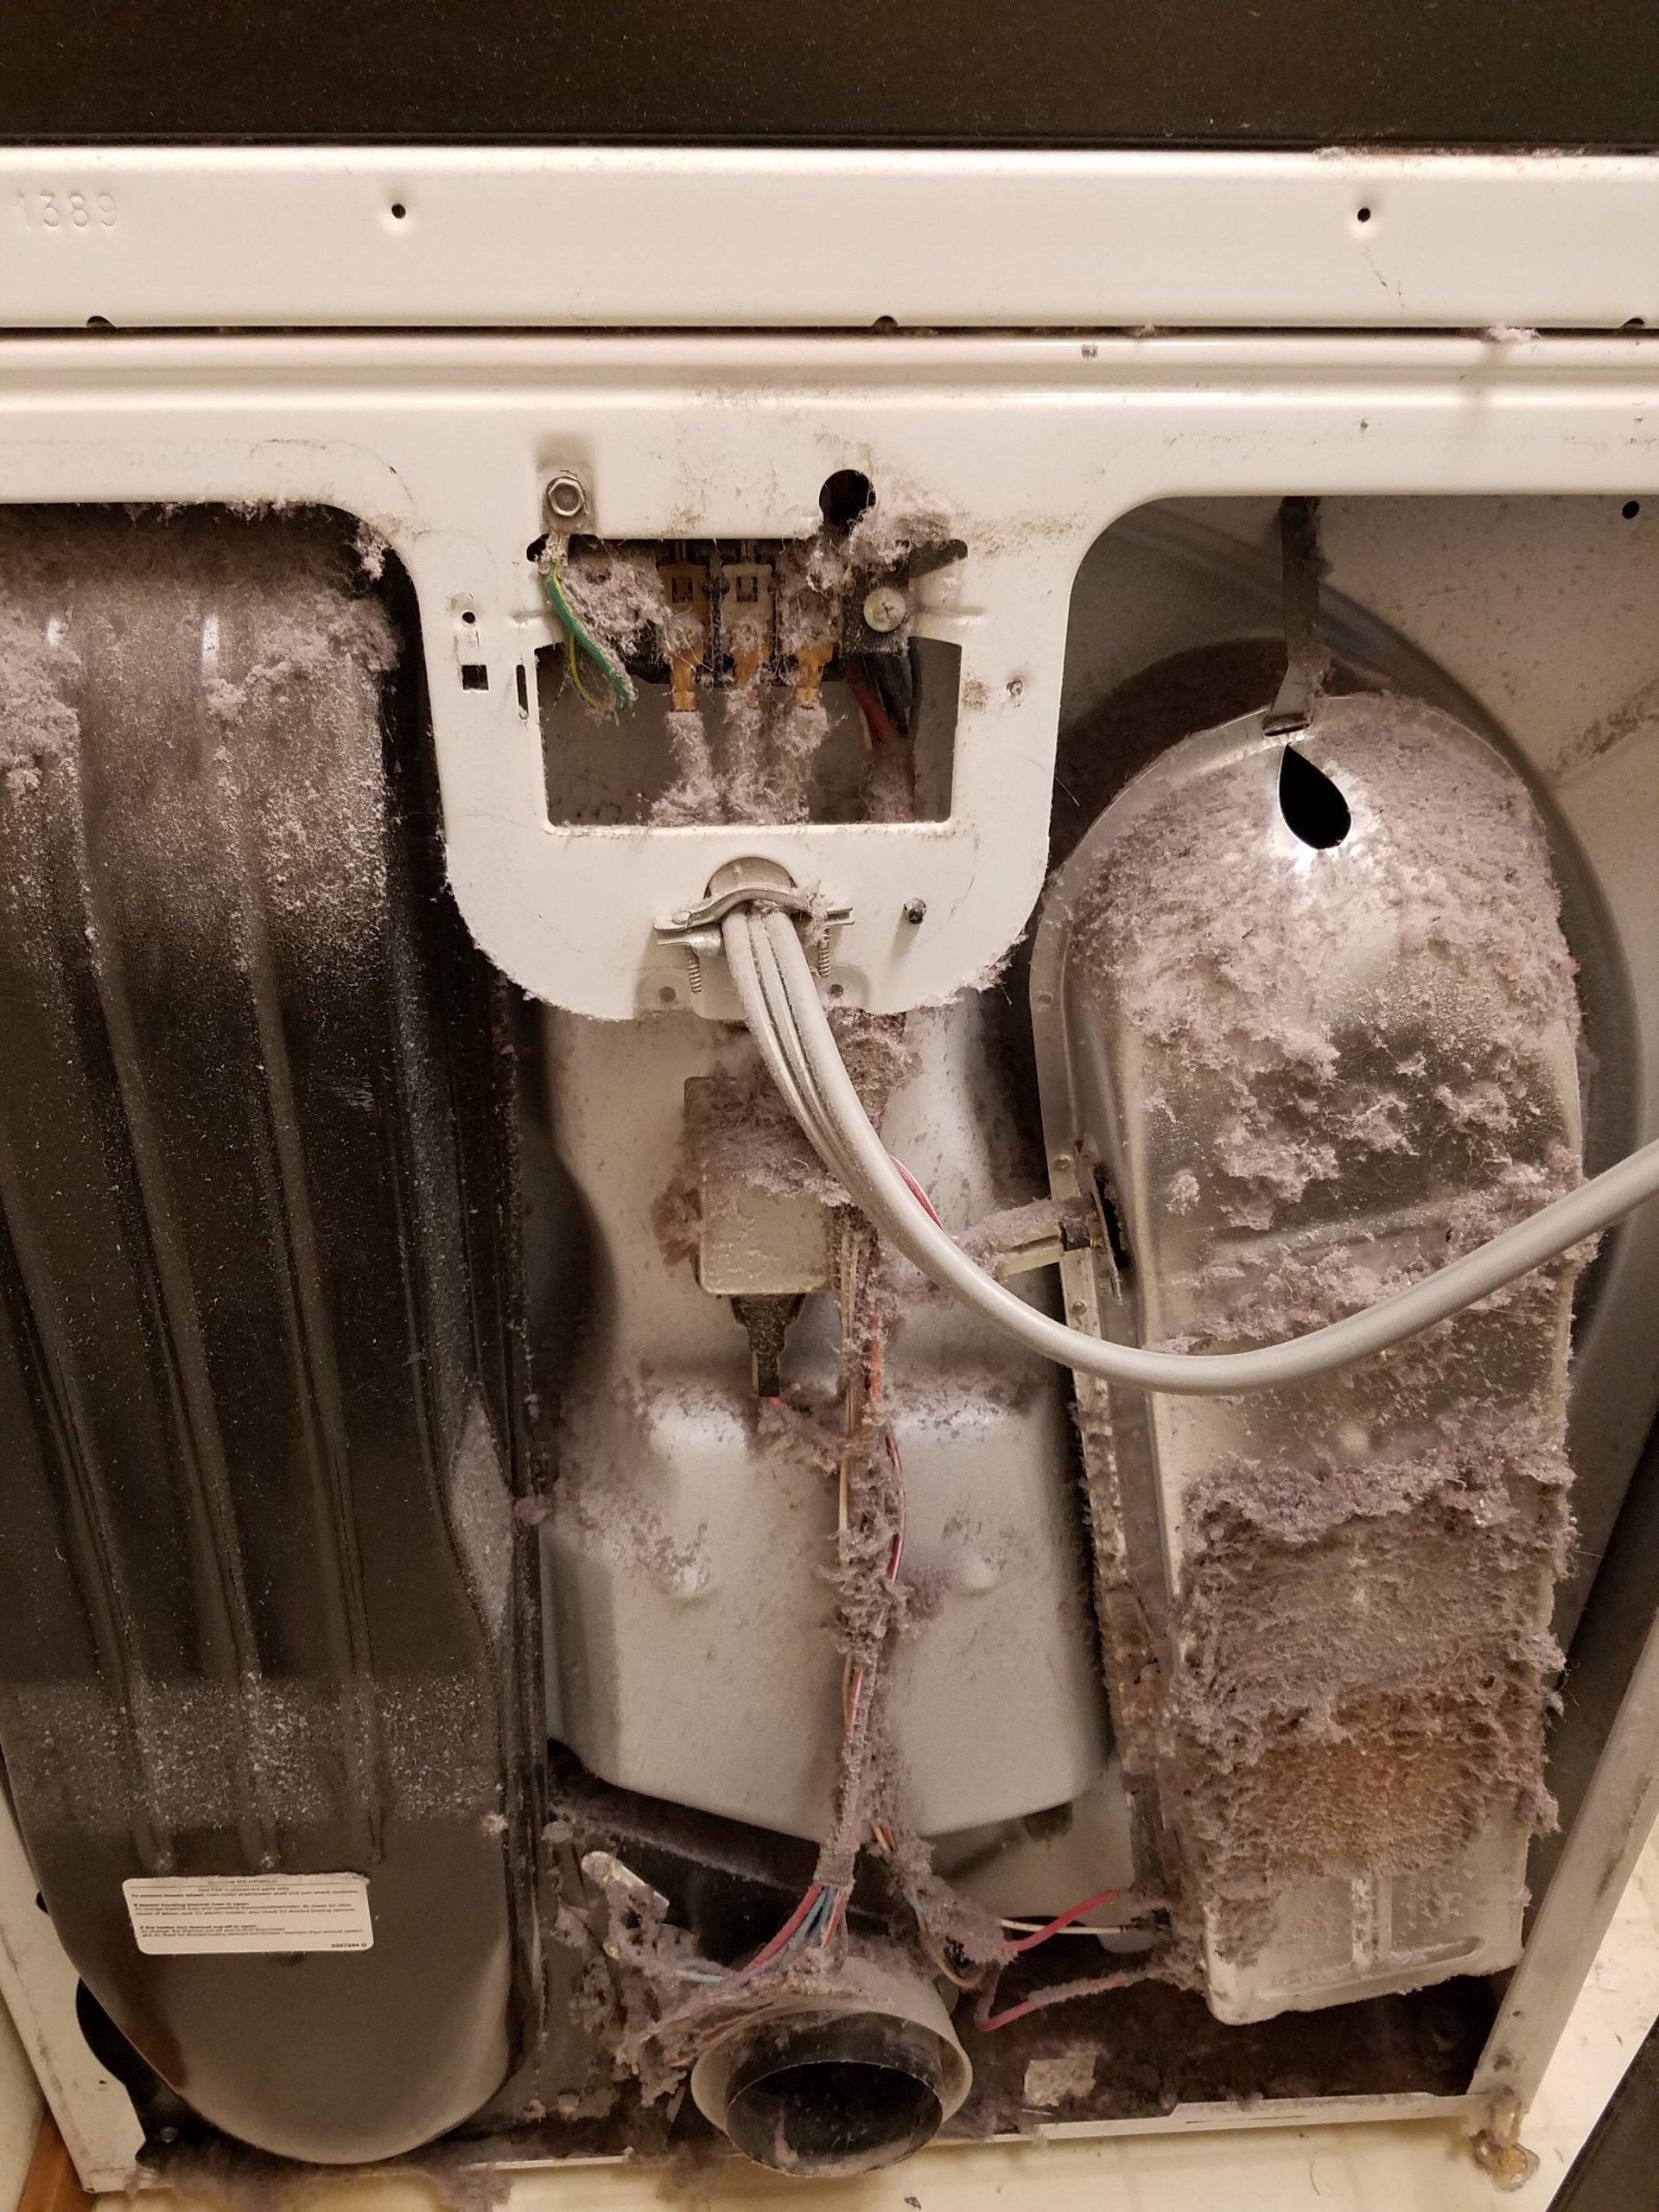 Dryer Vent Services Cincinnati Oh Abc Services Llc